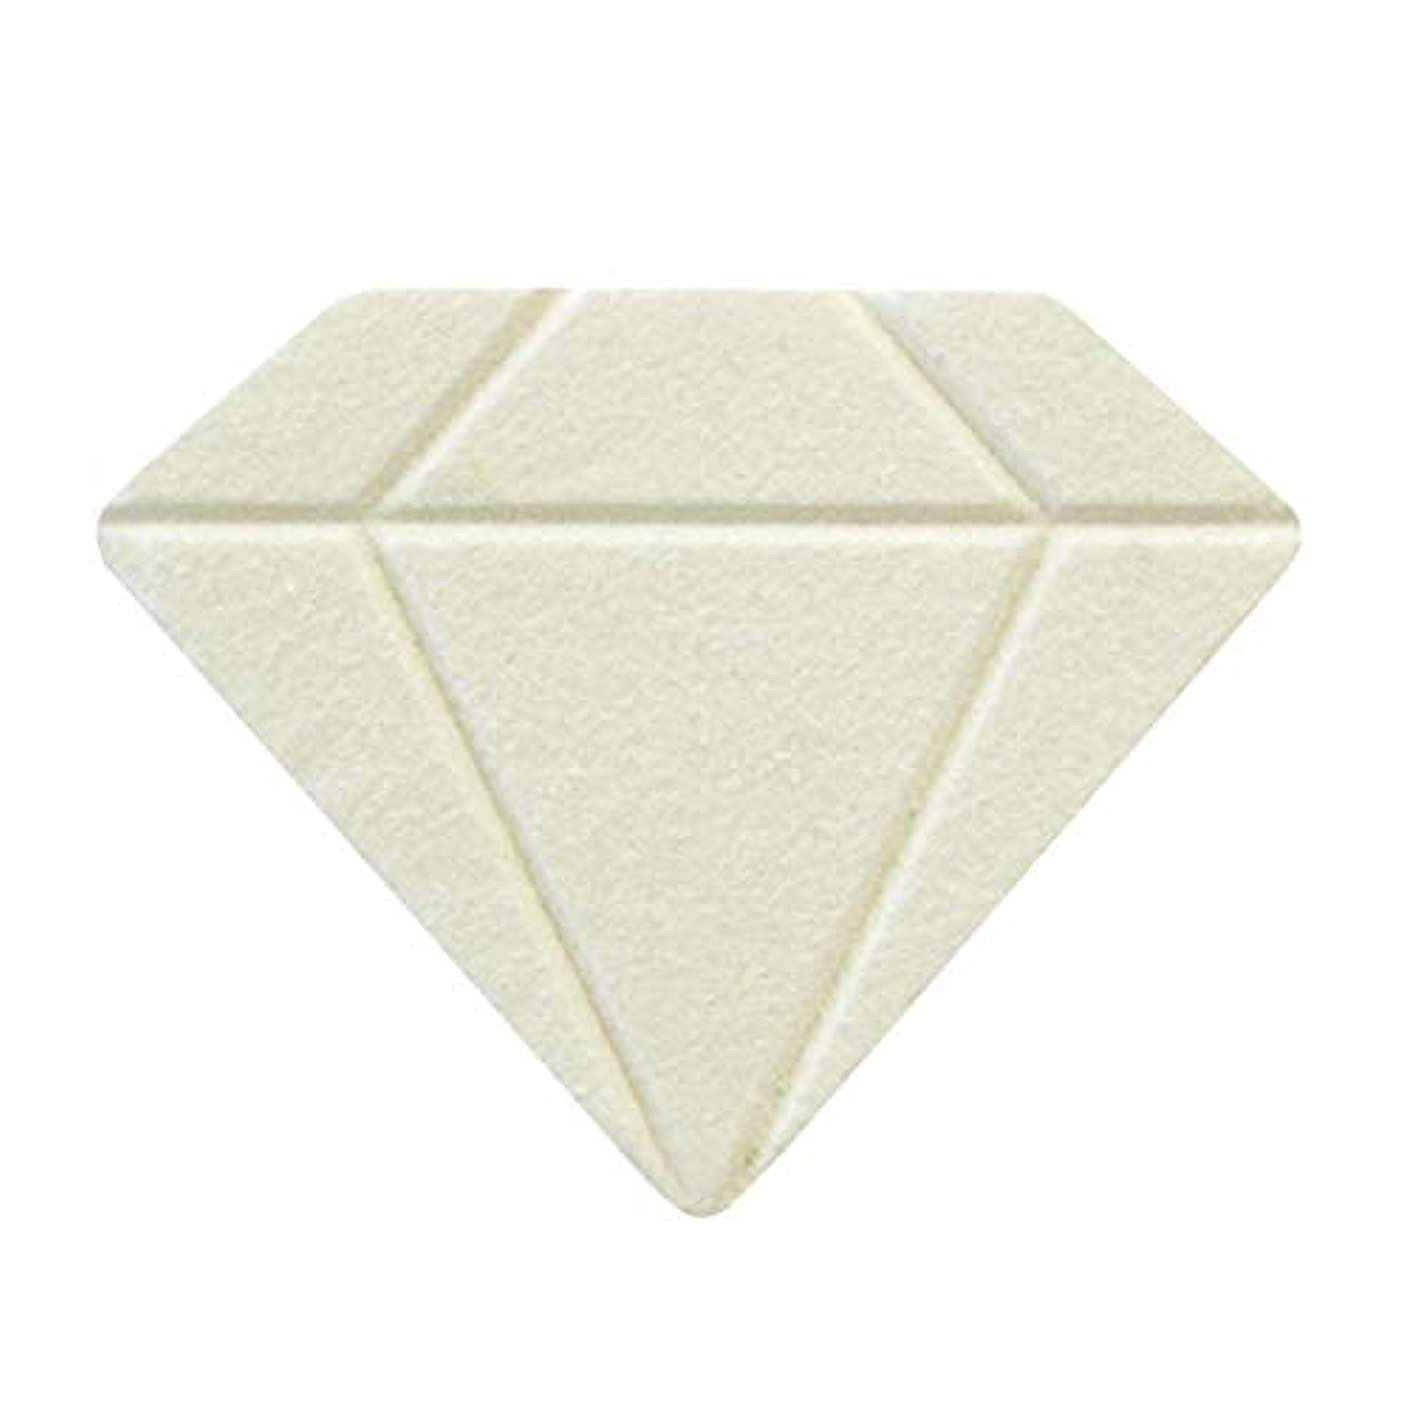 キャラクターパワーバナー【ダイヤモンド】バスフィズ(フルーツスパークリング) 287957